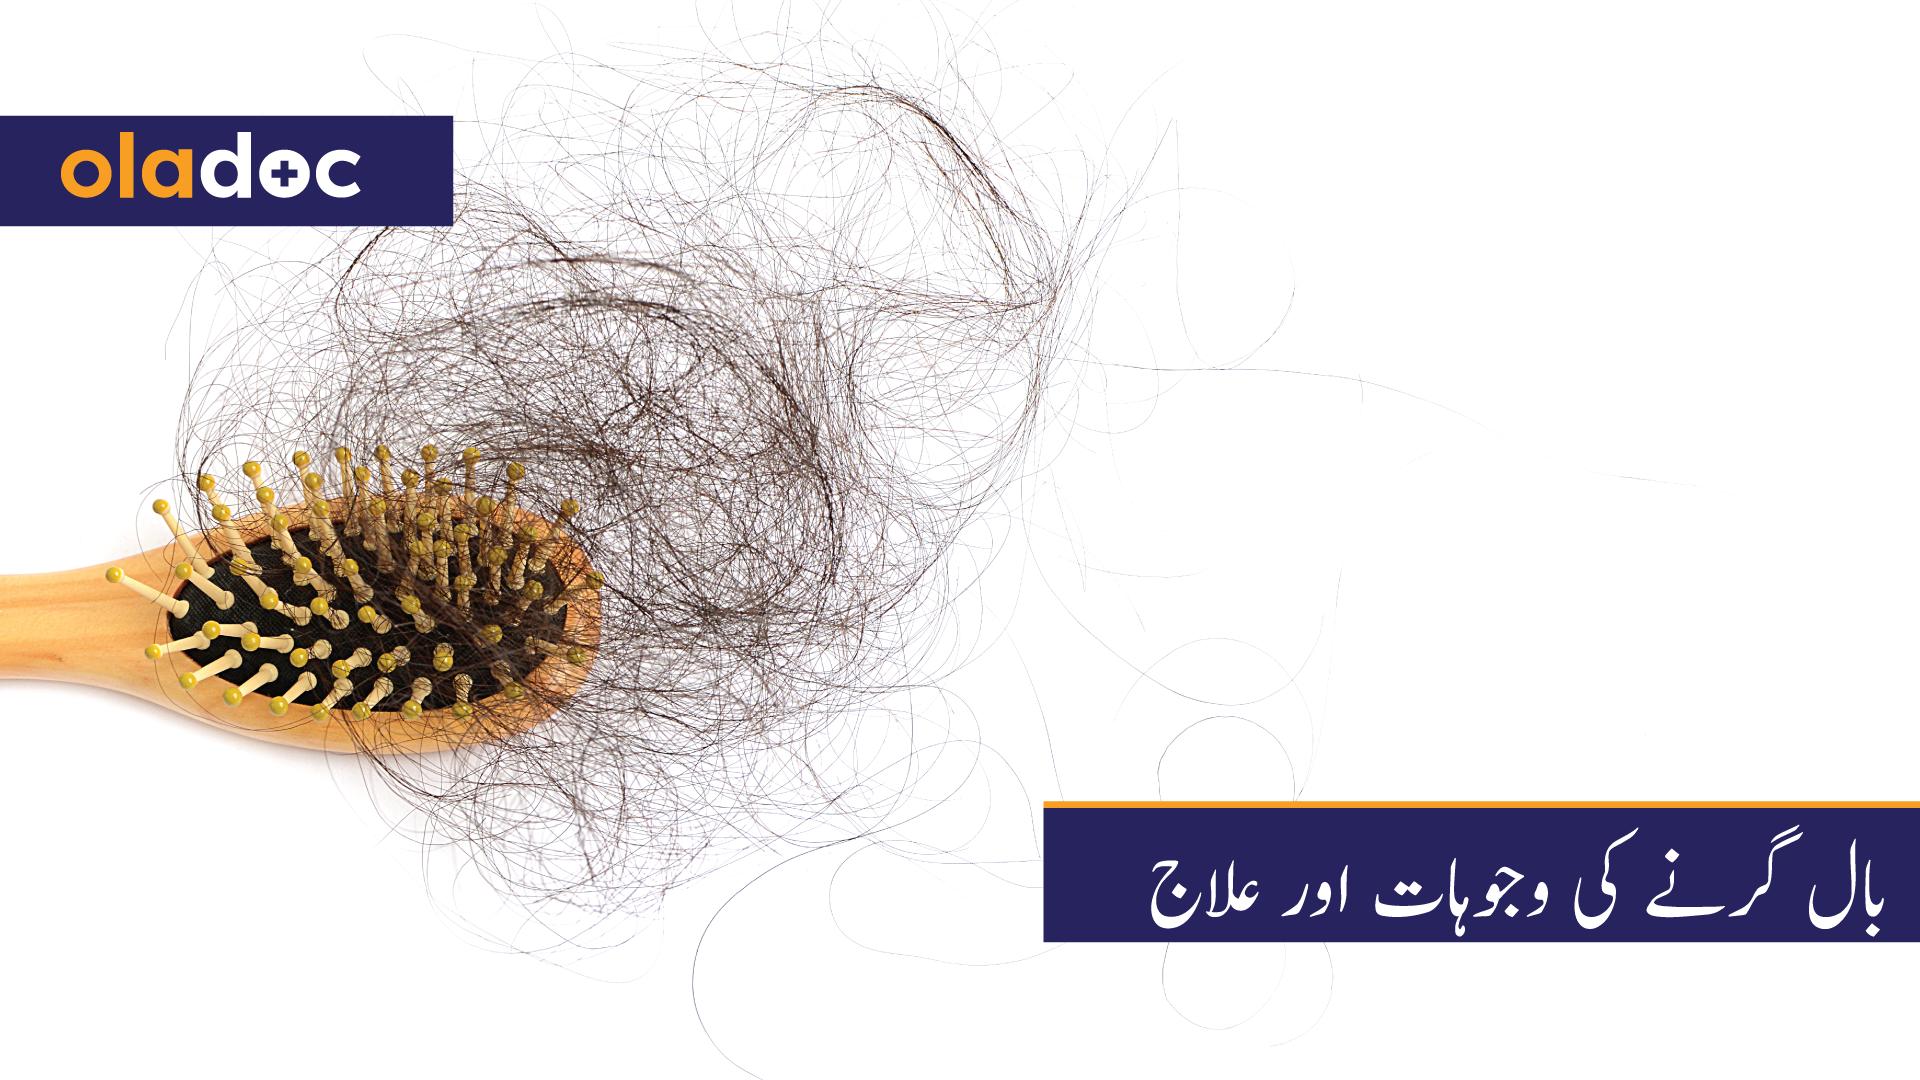 بال گرنے کی وجوہات اور علاج